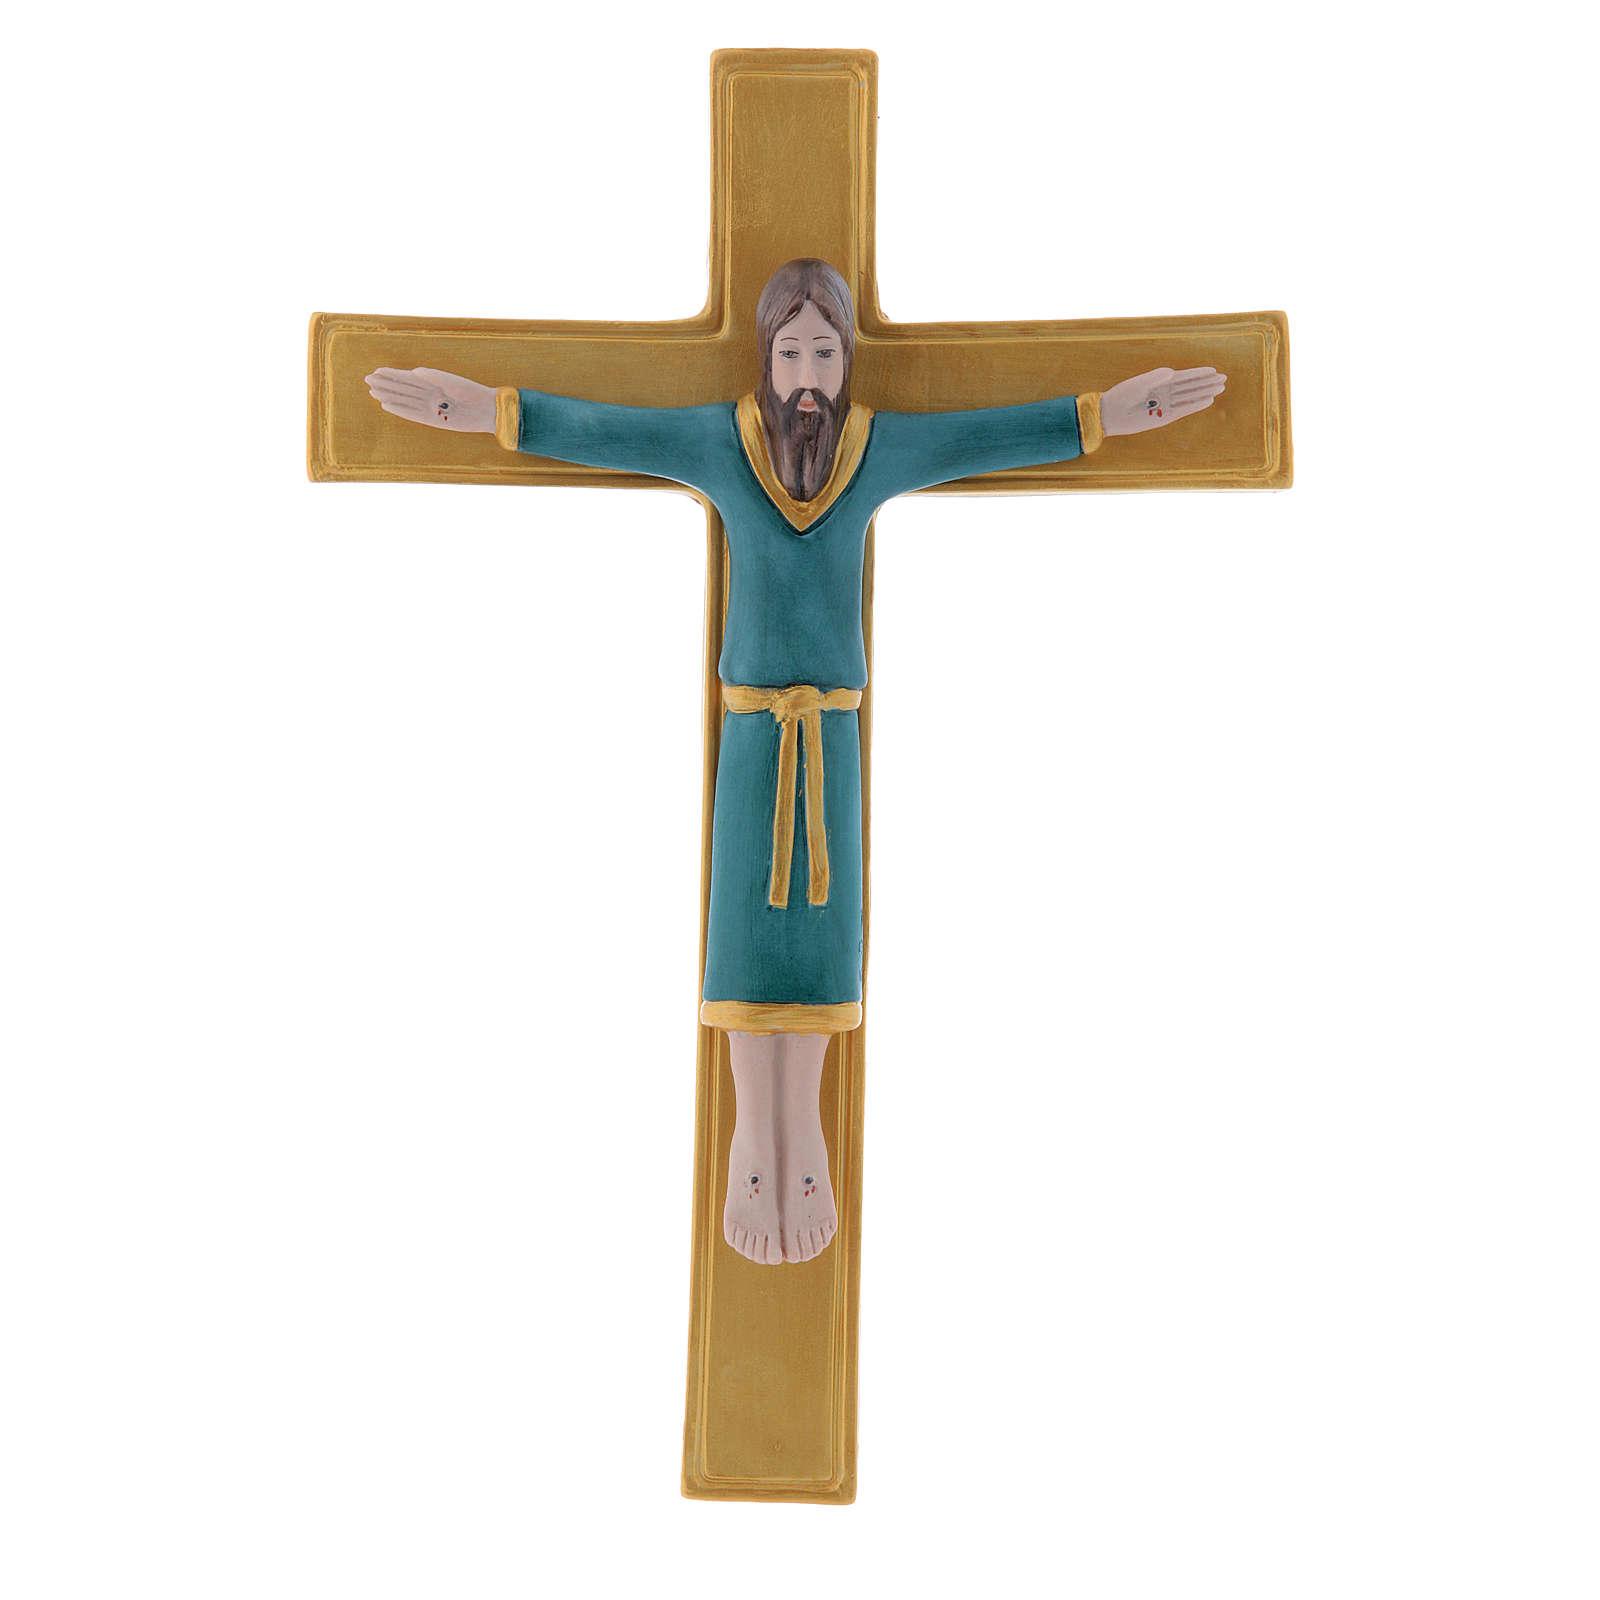 Bassorilievo porcellana crocifisso tunicato azzurro croce dorata Pinton 25X17 cm 4